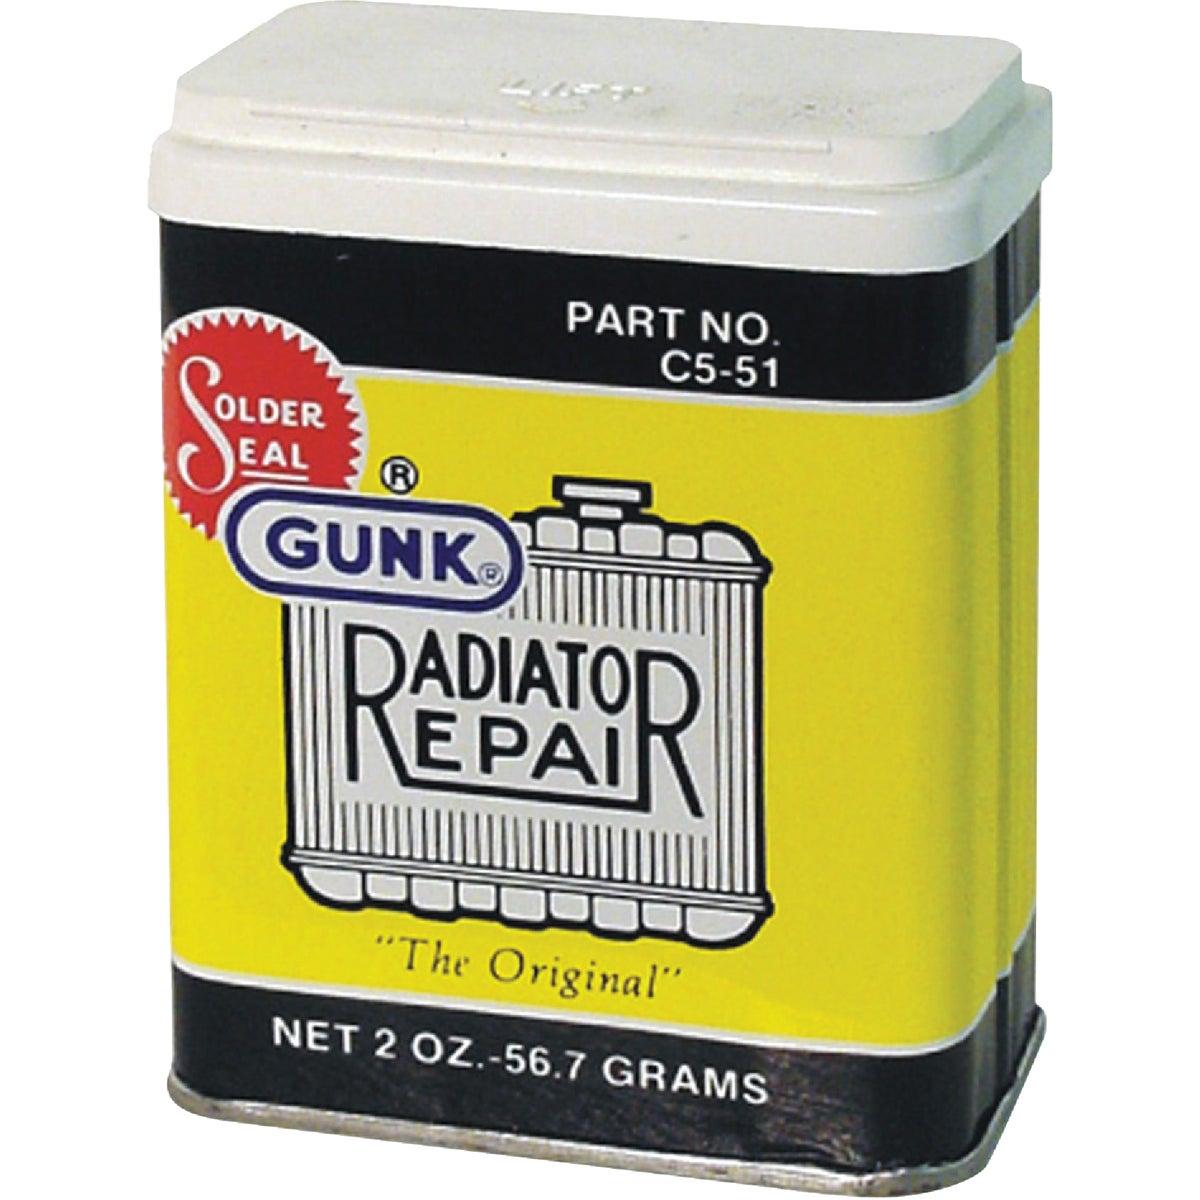 2Oz Radiator Repair